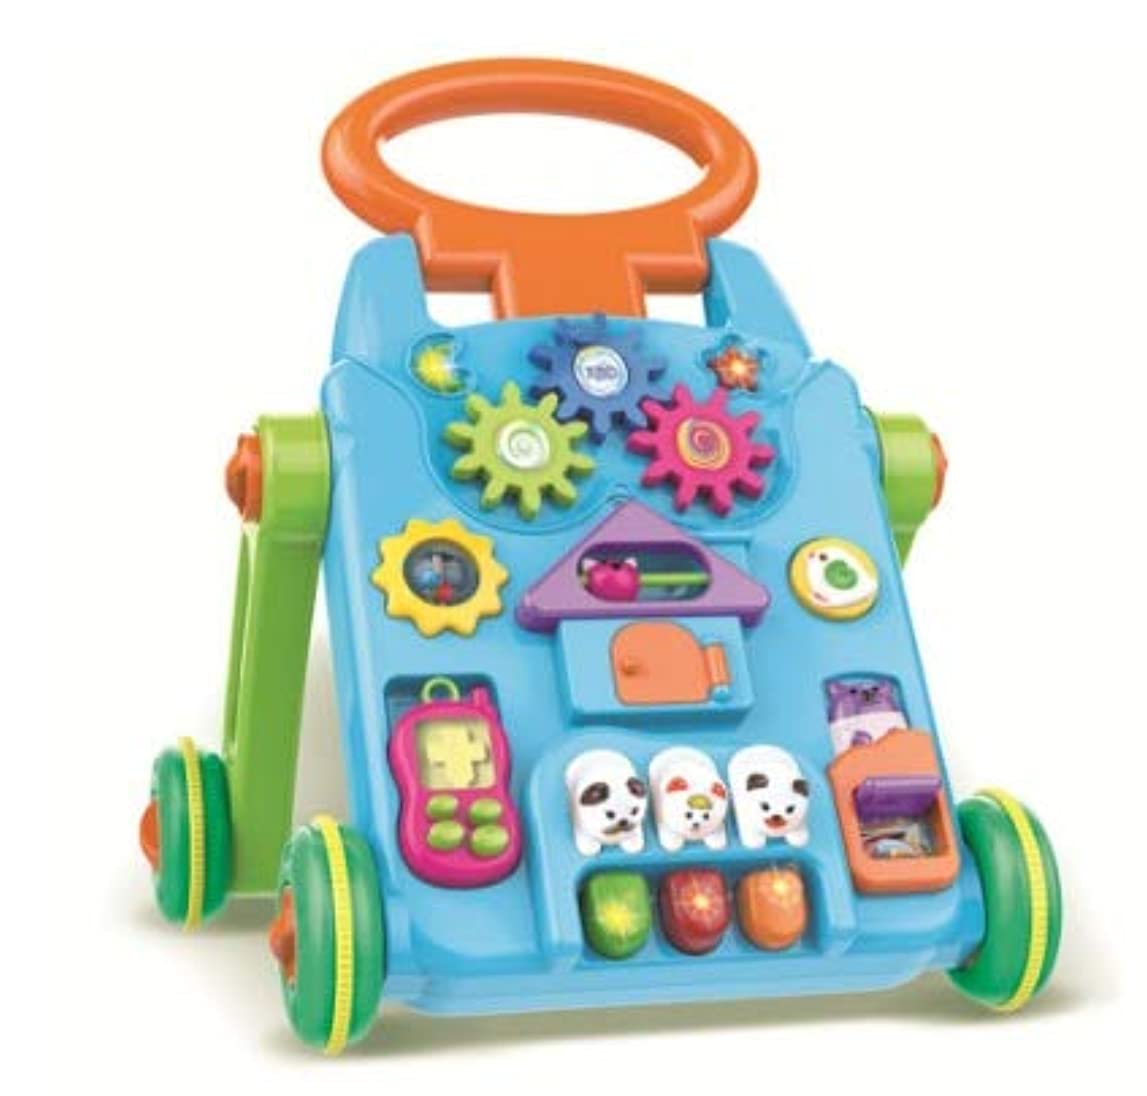 昼寝超えてすきベビーウォーカーカート多機能ロールオーバー児童勉強机カート